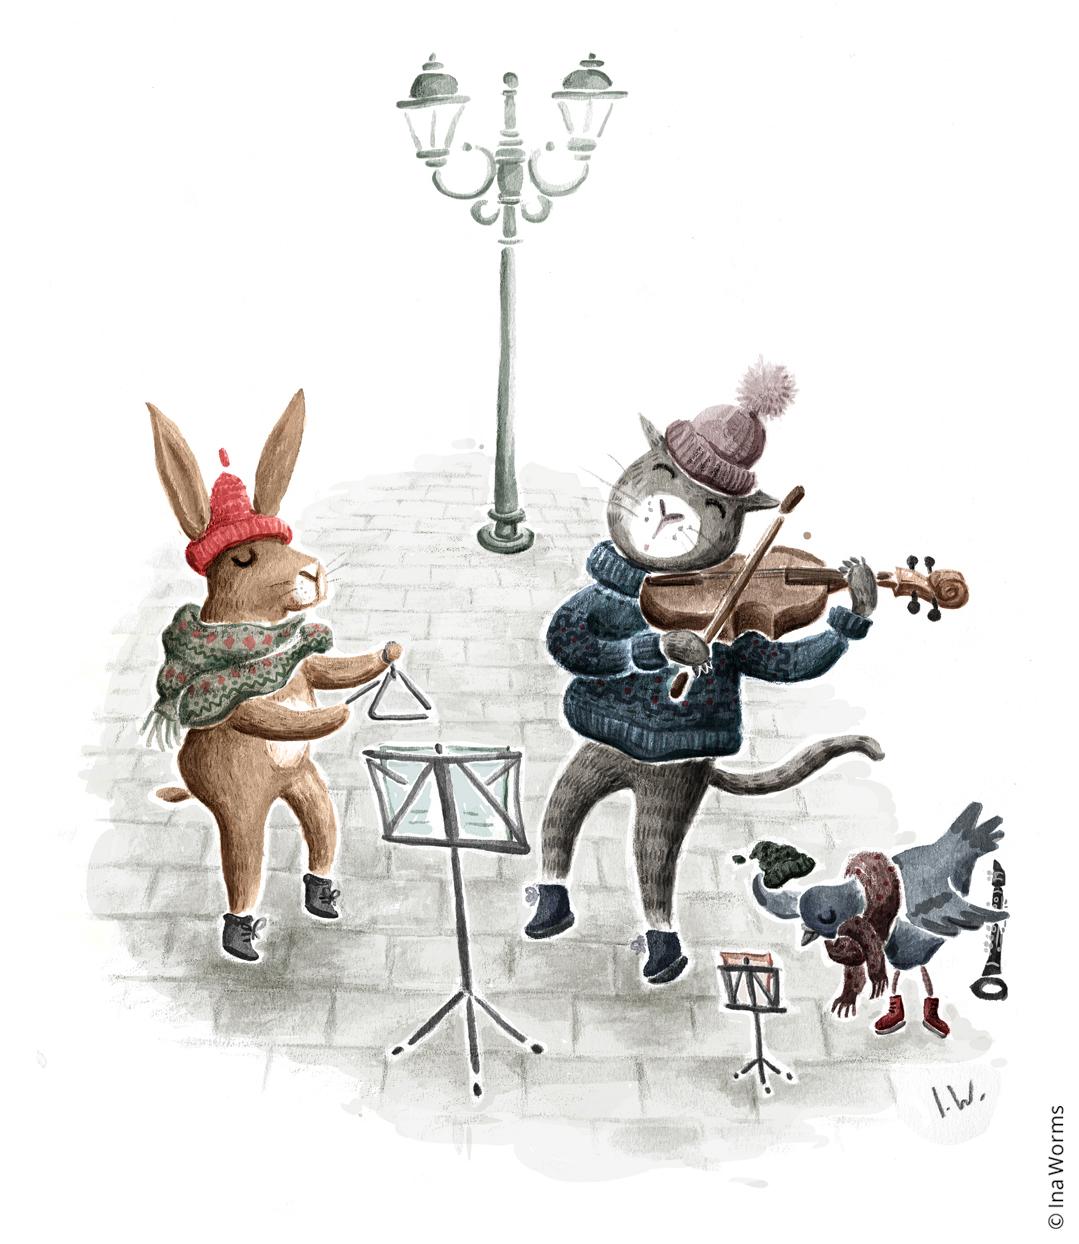 Straßenmusik, Katze mit Geige, Hase, Taube, Tiere, niedlich, Illustration, Ina Worms, Design